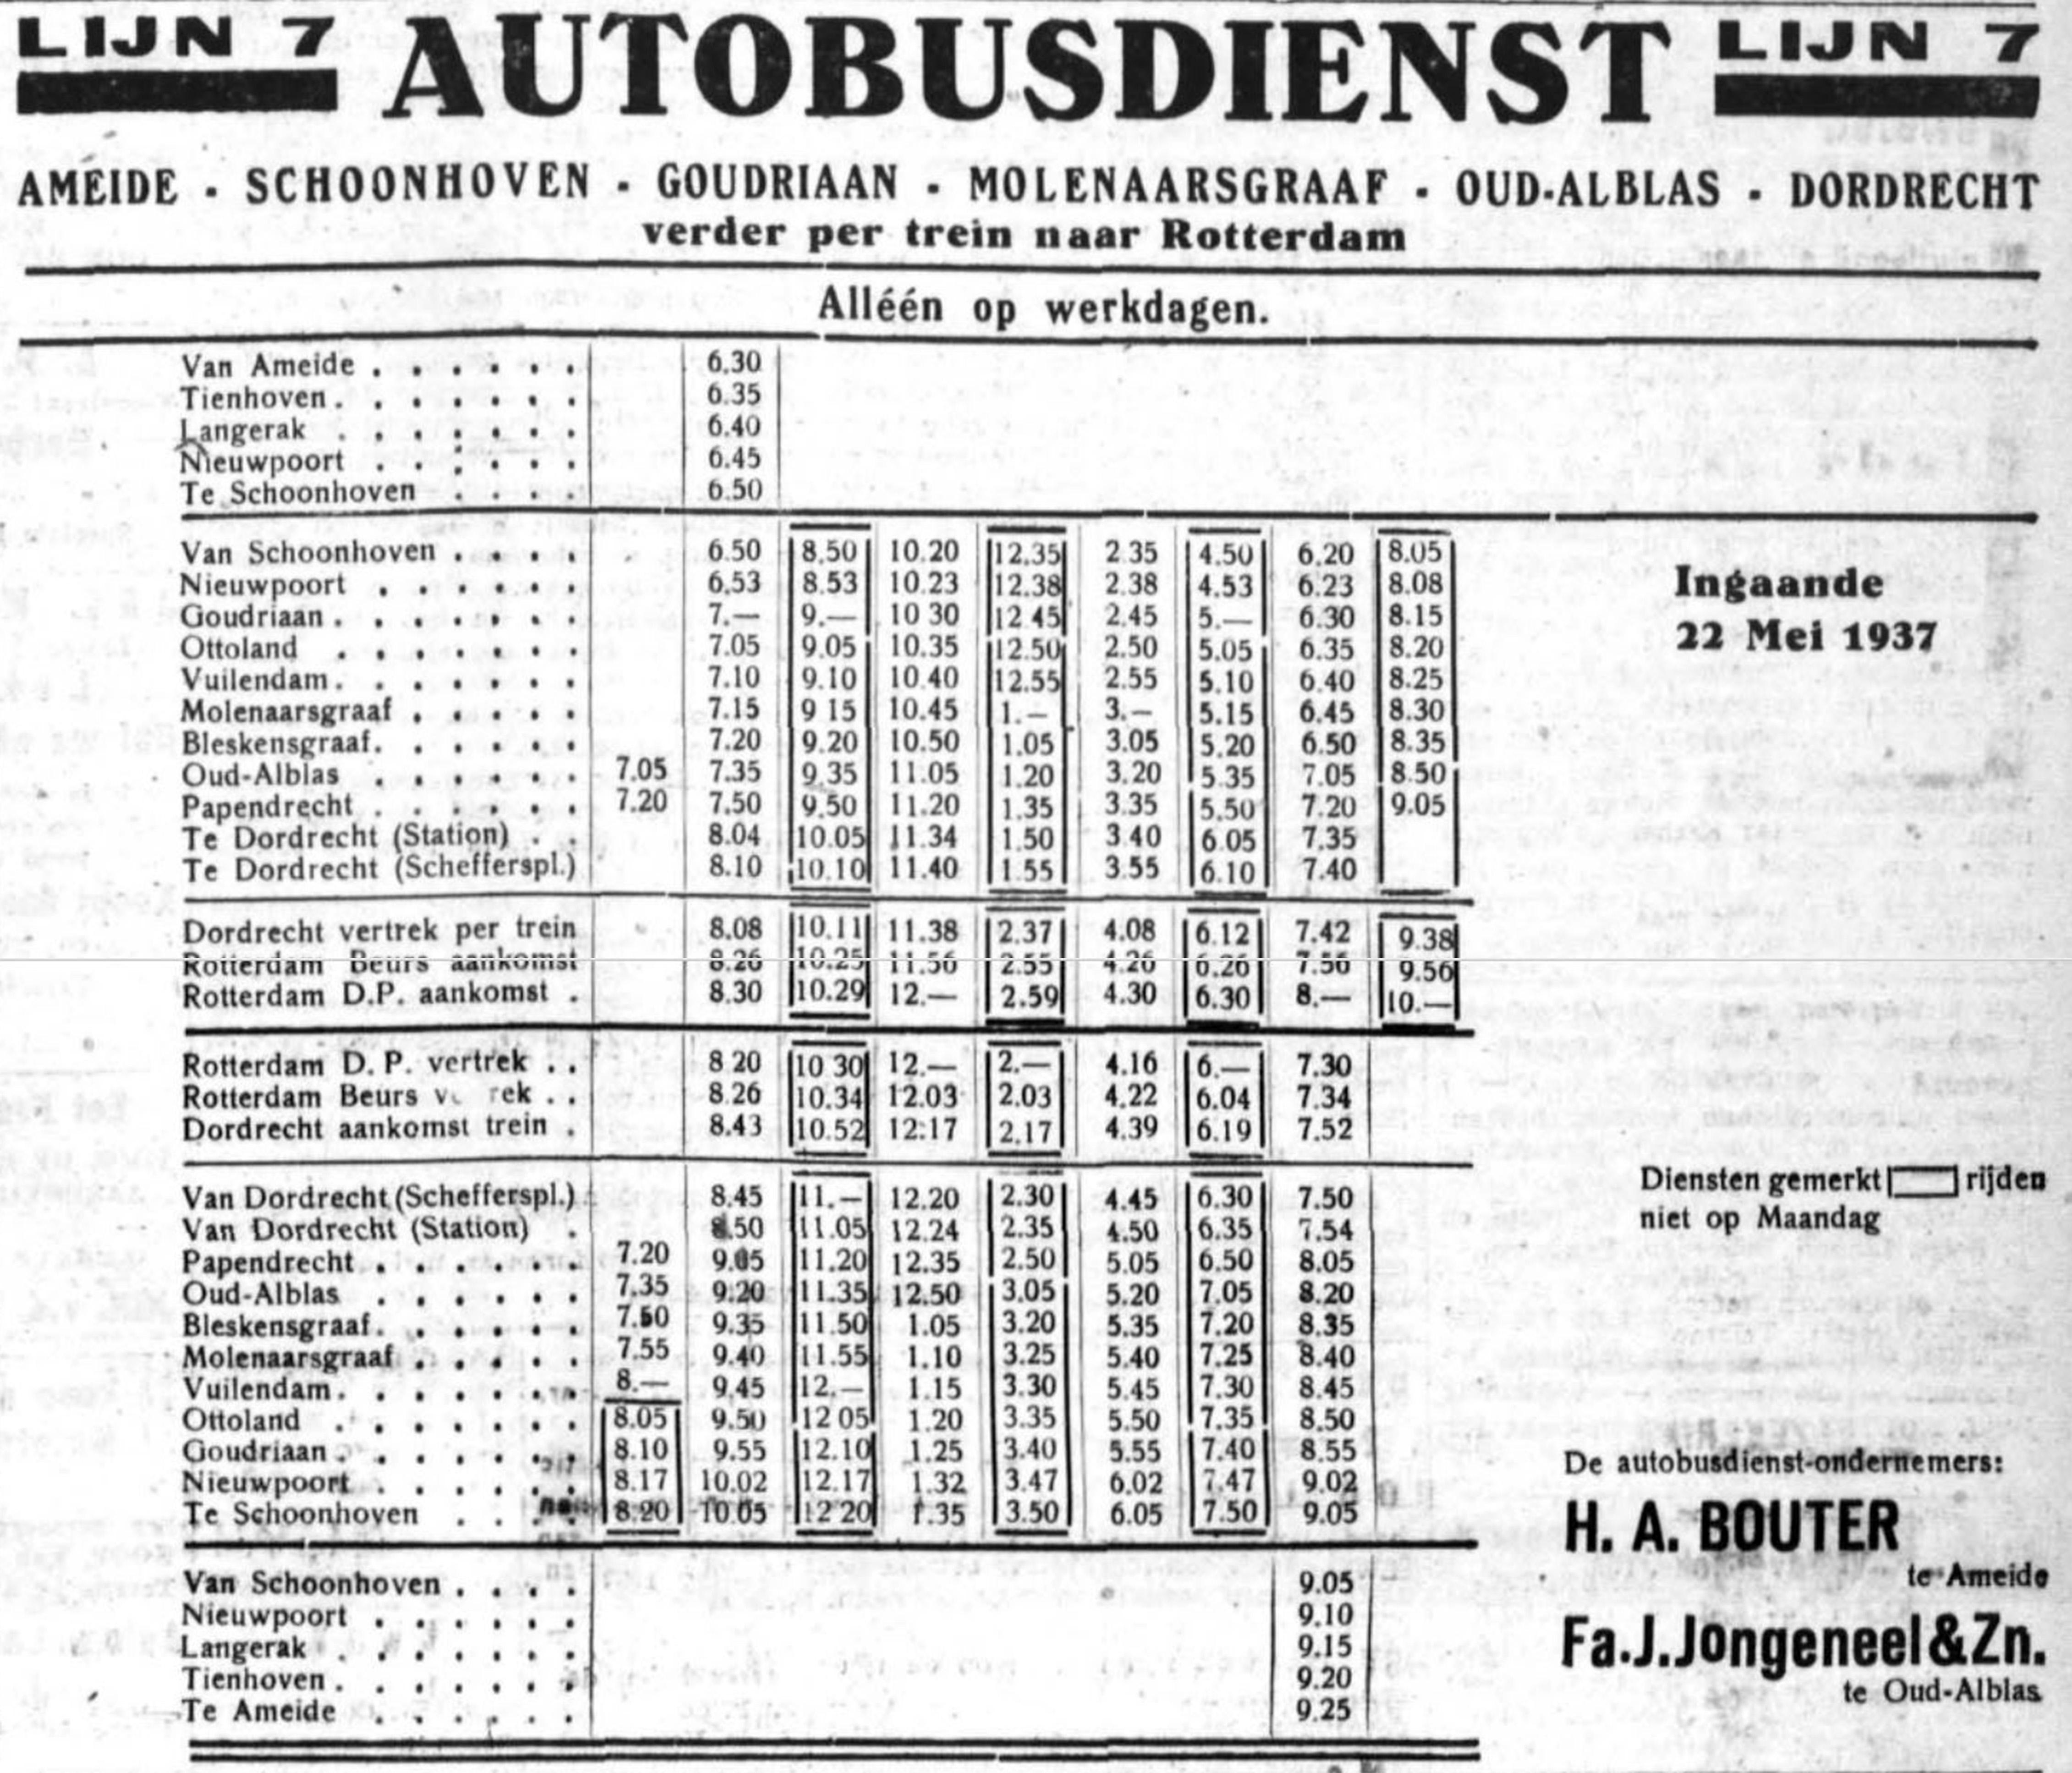 schoonhovensche-courant-06809-1937-05-14-artikel-05